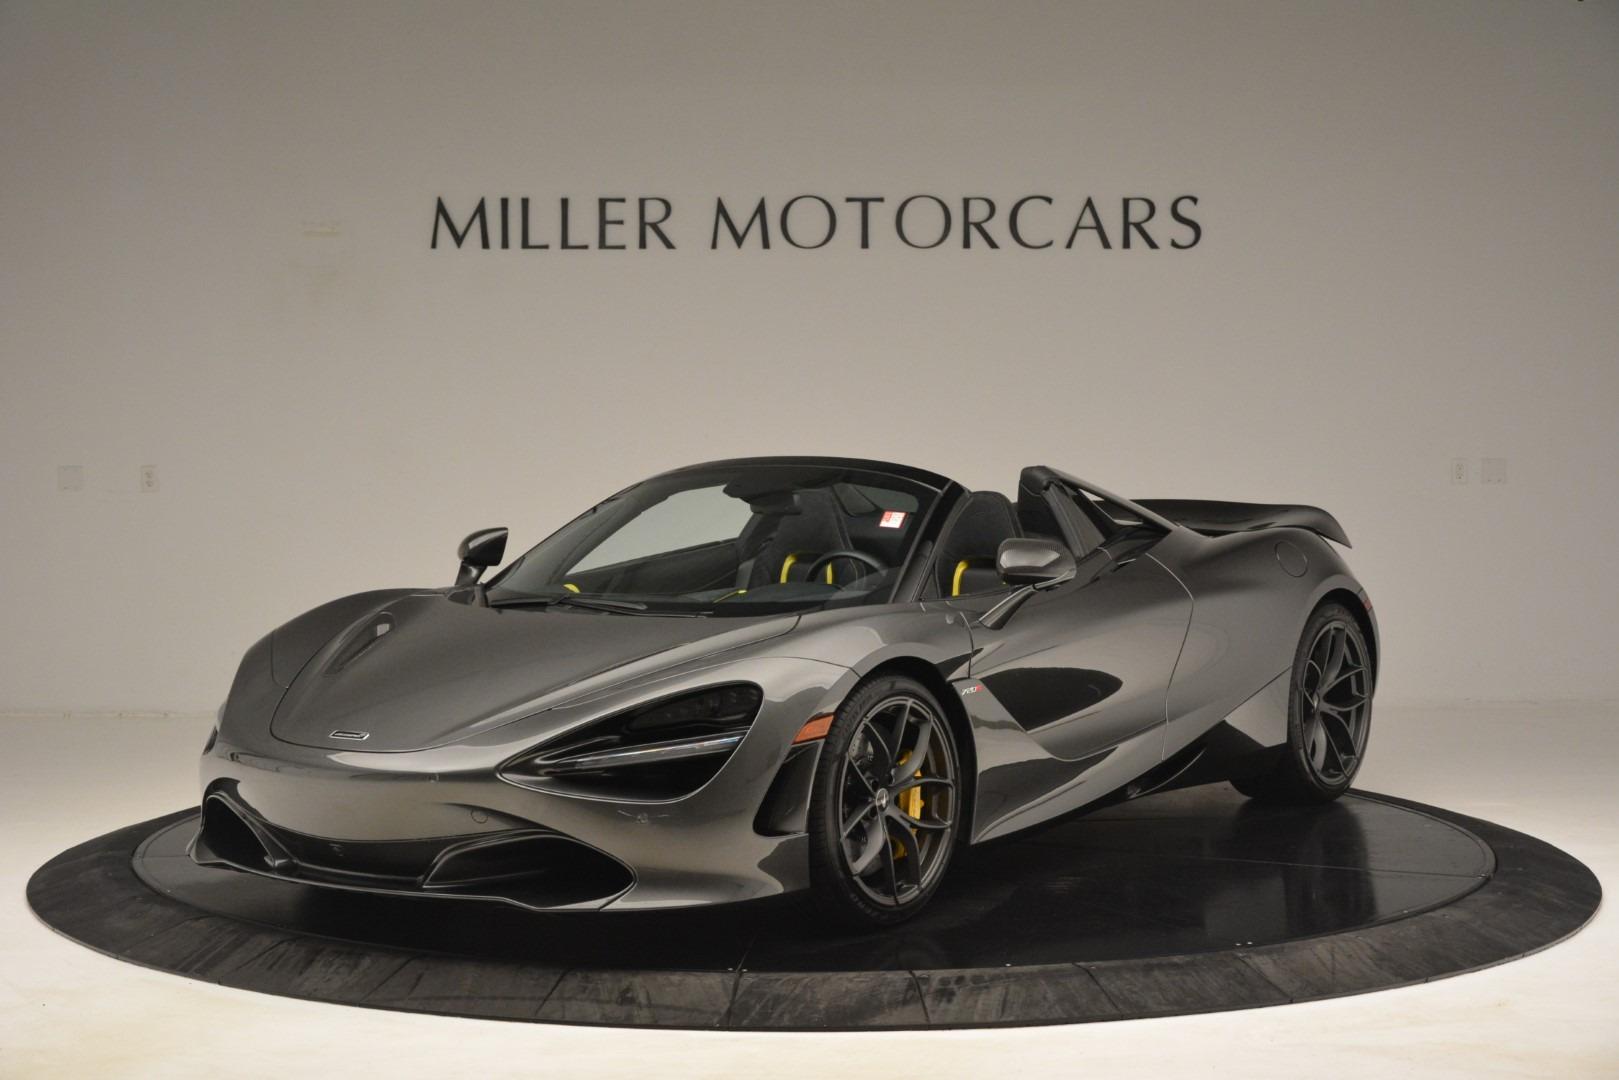 New 2020 McLaren 720S Spider Convertible For Sale In Westport, CT 3266_main